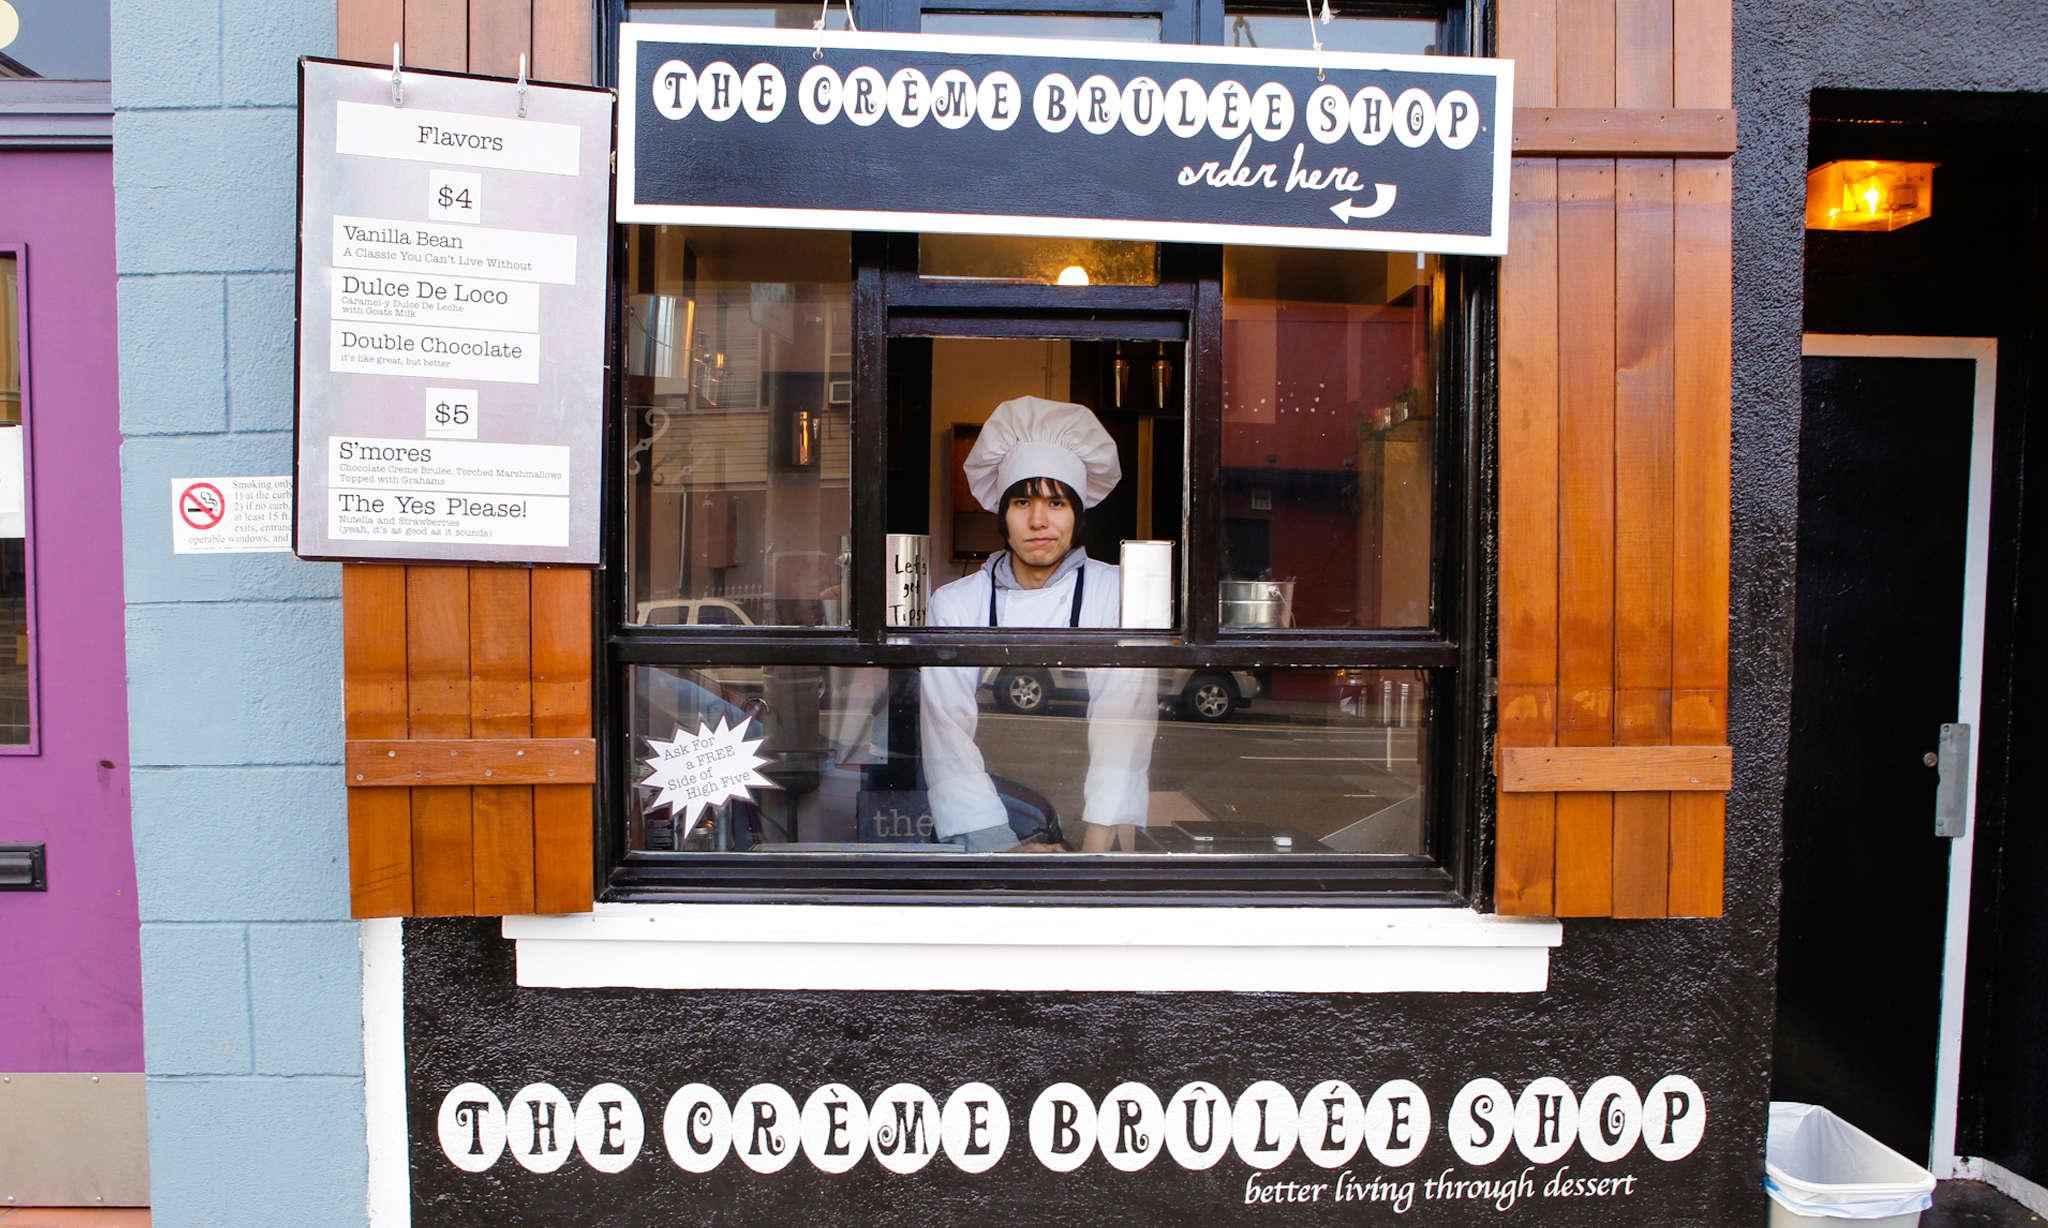 The Crème Brûlée Shop